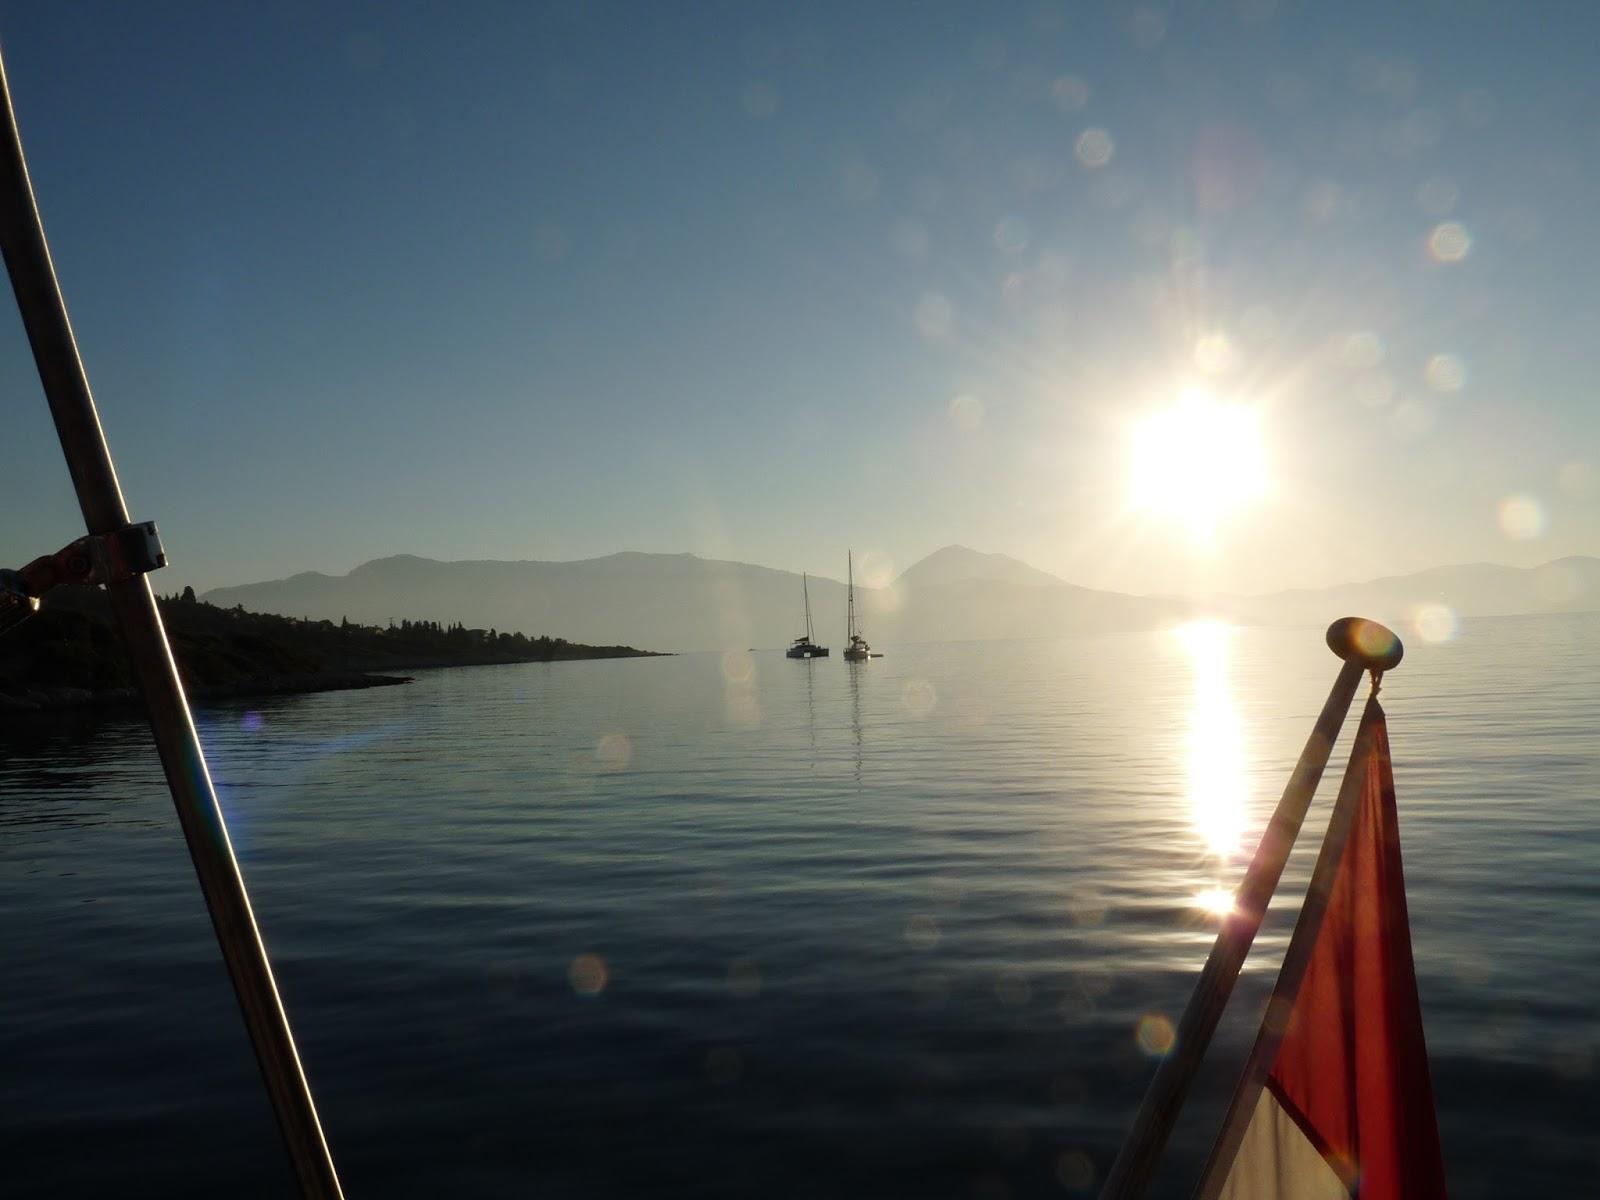 De blauwvoet vliegt 16 augustus 2016 zeilen zwembadwater en een wildwaterbaan naar sami - Eilandjes bad ...